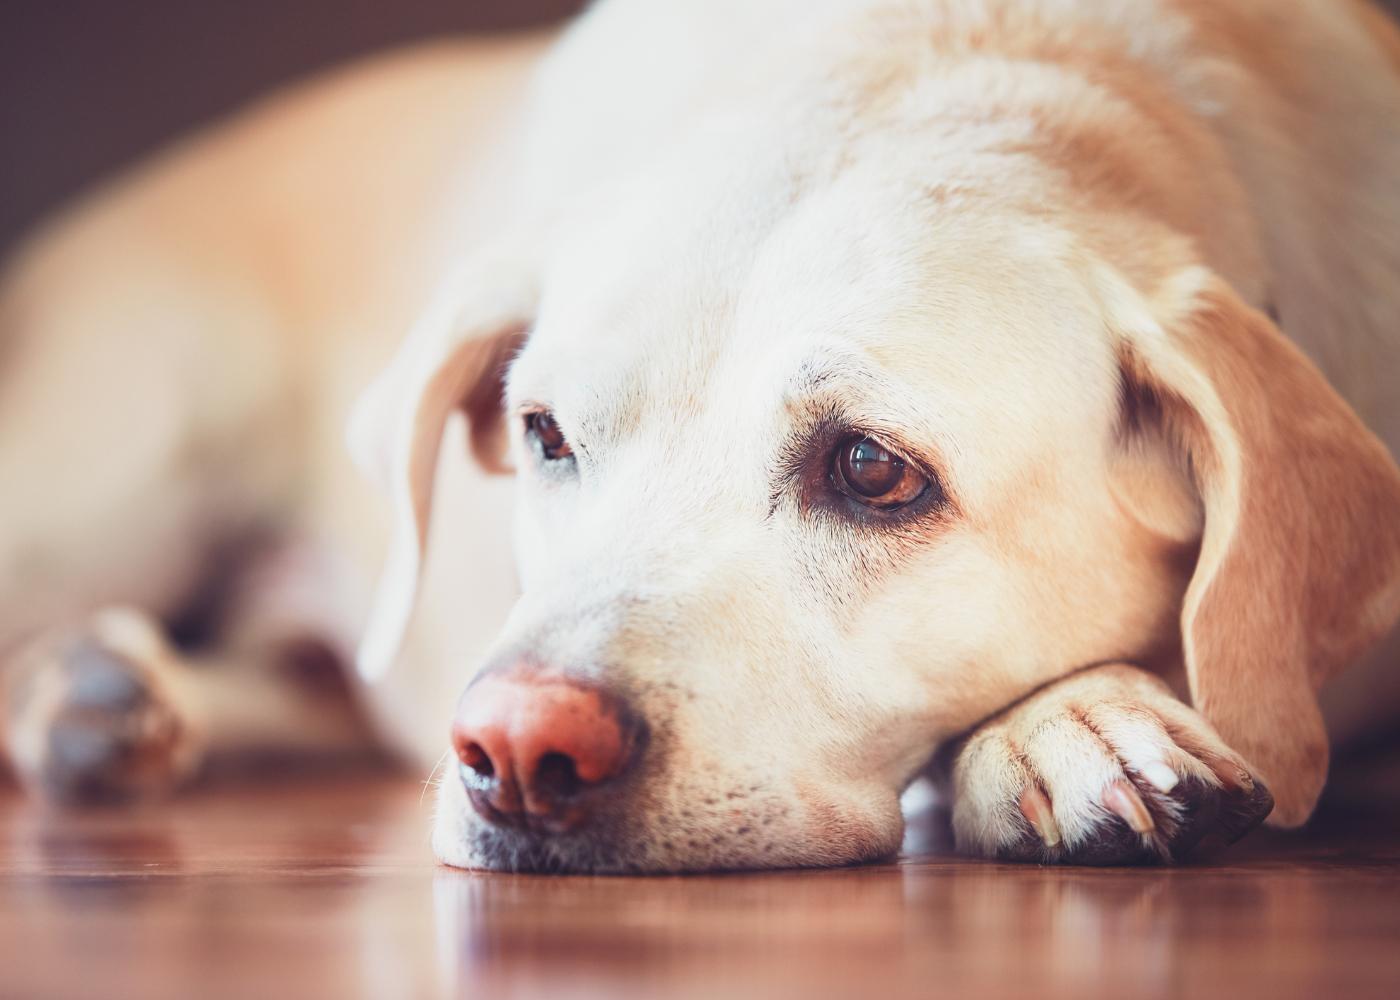 Cão em casa com semblante triste